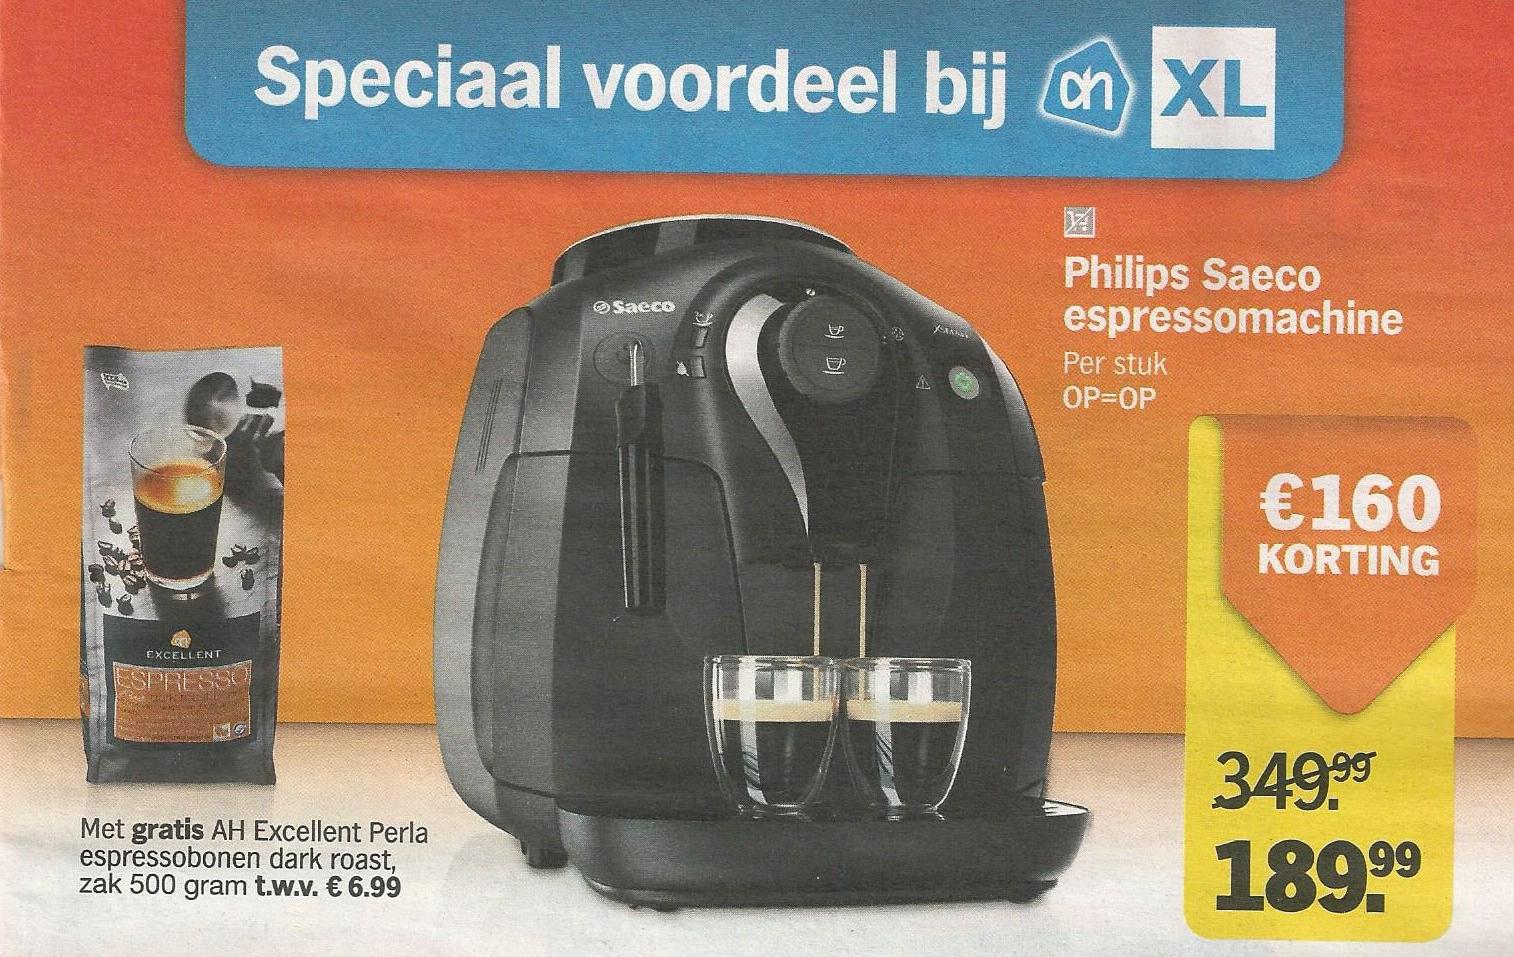 Philips Saeco Xsmall HD8743/11 + gratis AH Excellent Perla espresso dark roast bonen voor €189,99 @ AH